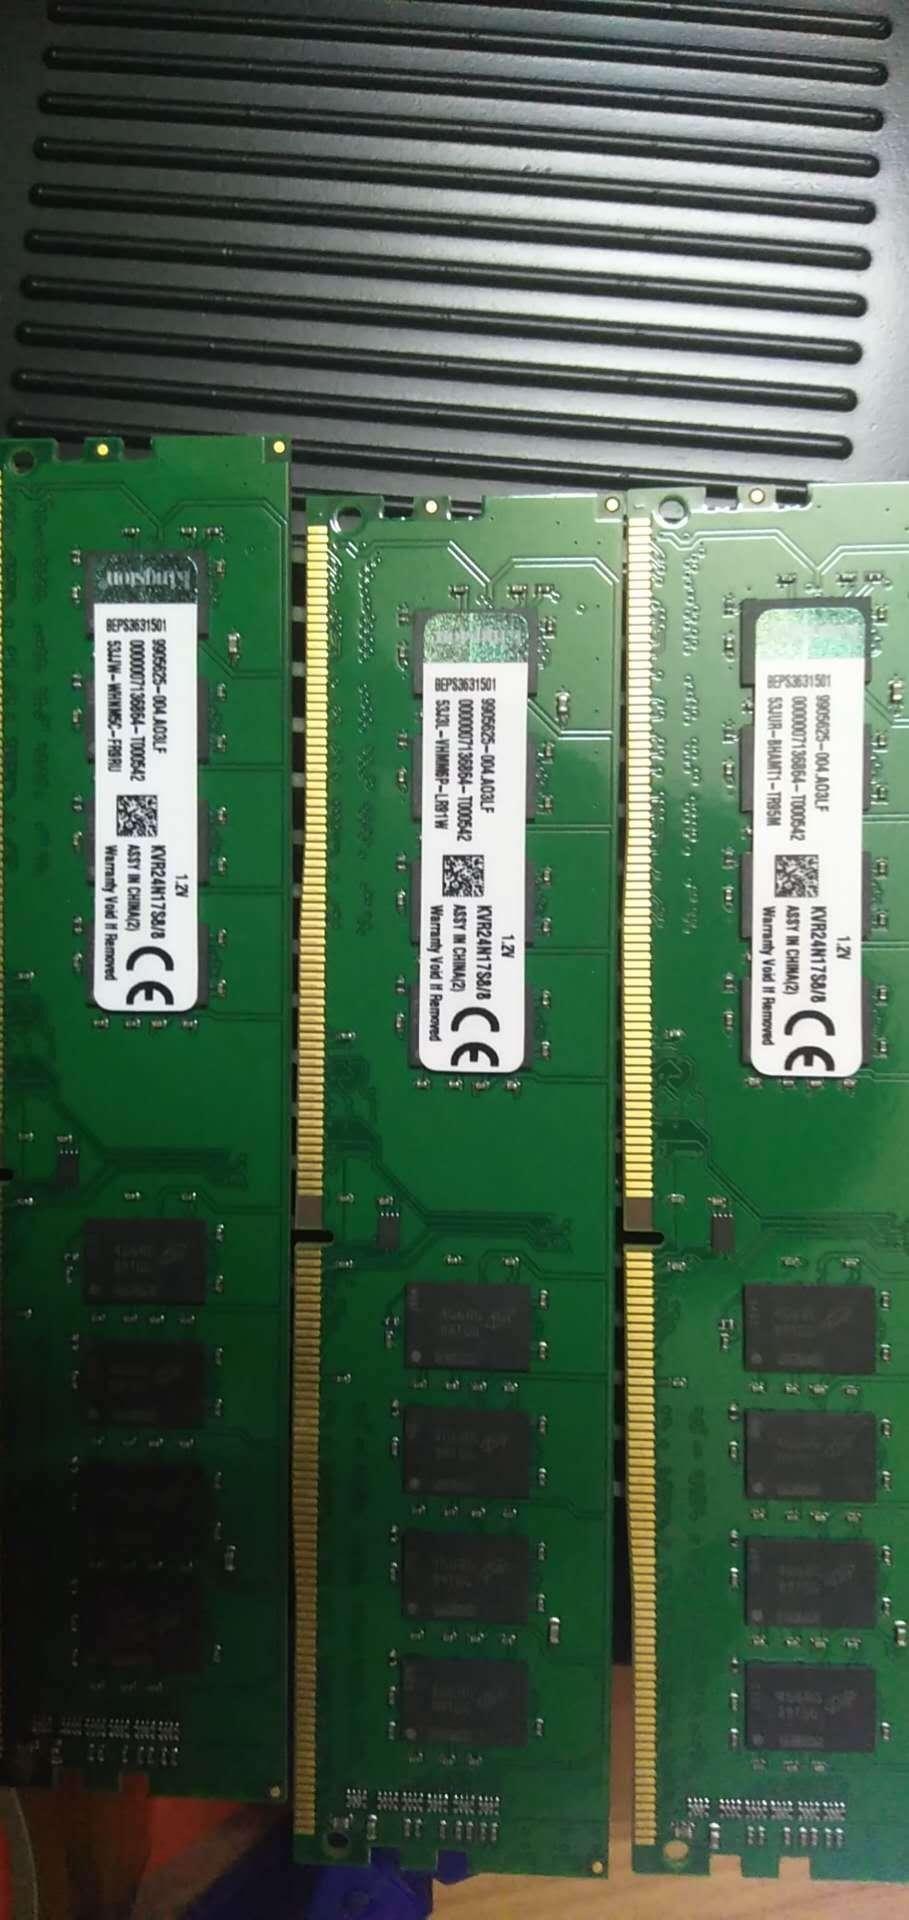 聯想筆記本電腦8GB內存條